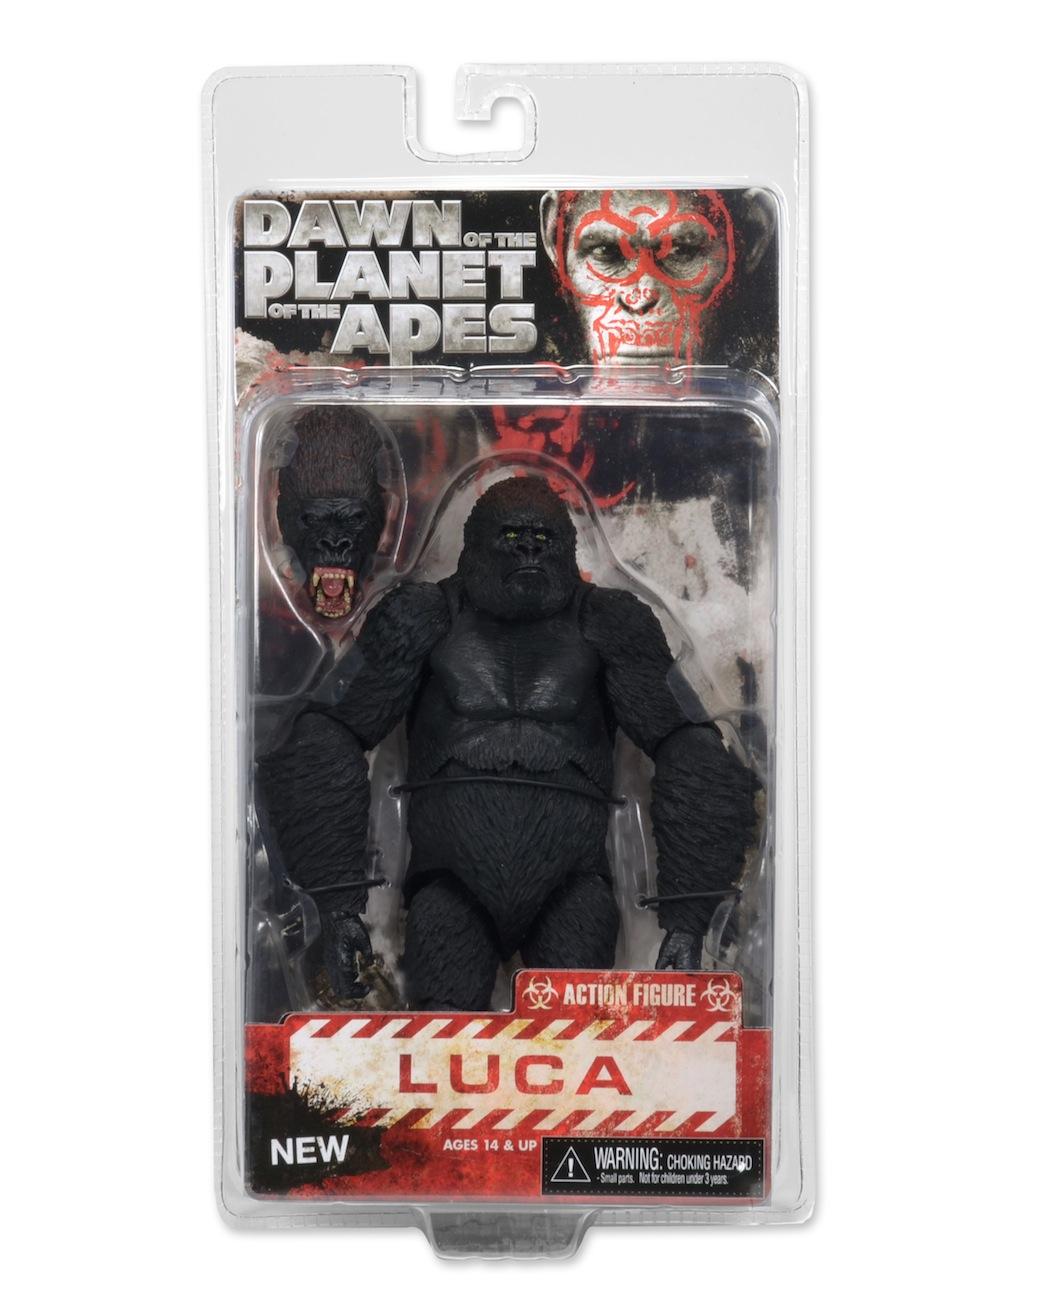 [NECA][Tópico Oficial] Planet of the Apes: Series 3 - Página 2 Dawn-of-the-Planet-of-the-Apes-Series-2-Figures-014